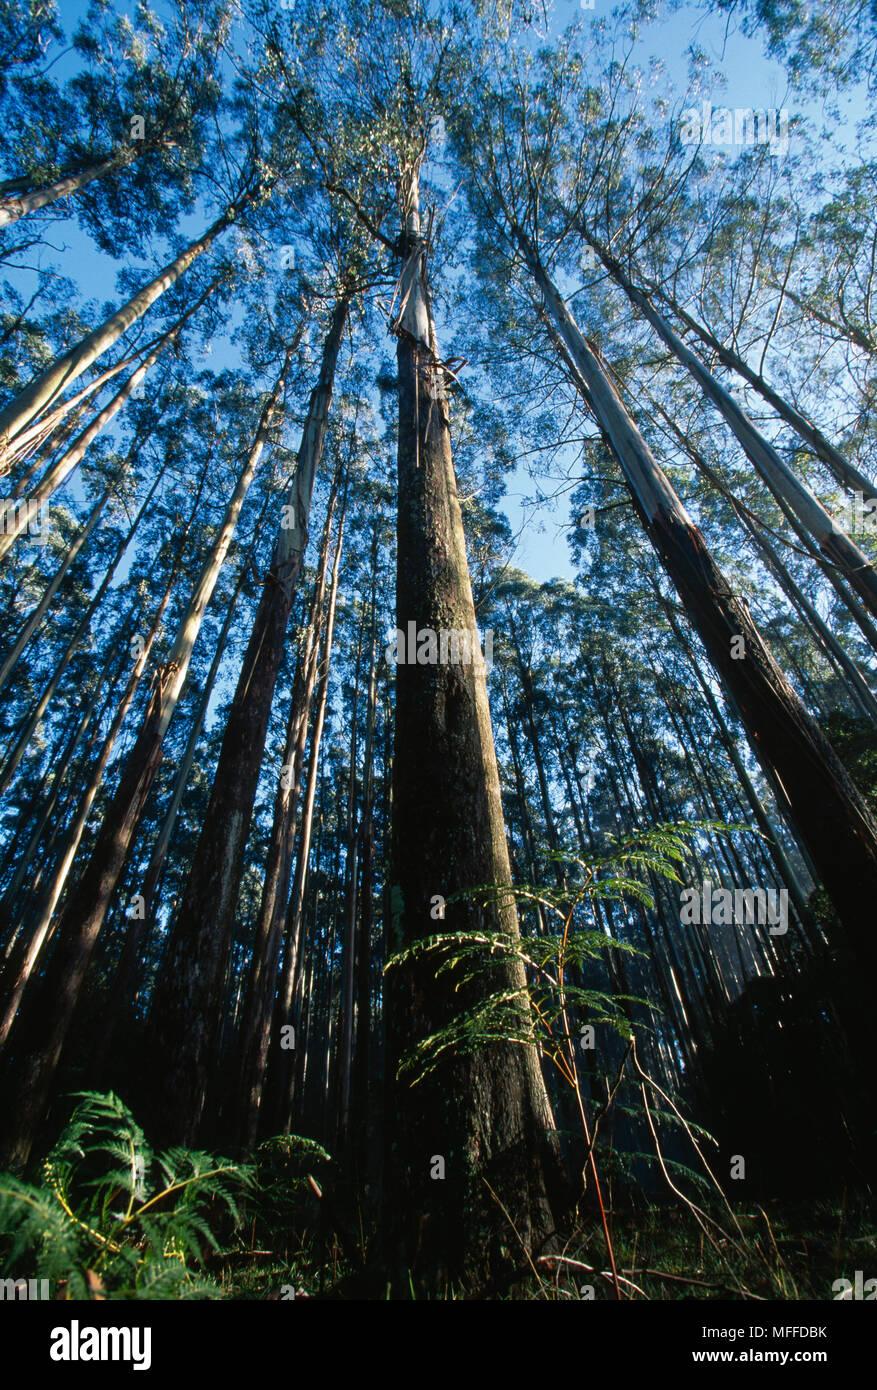 MOUNTAIN ASH  forest  Eucalyptus regnans  Australia - Stock Image